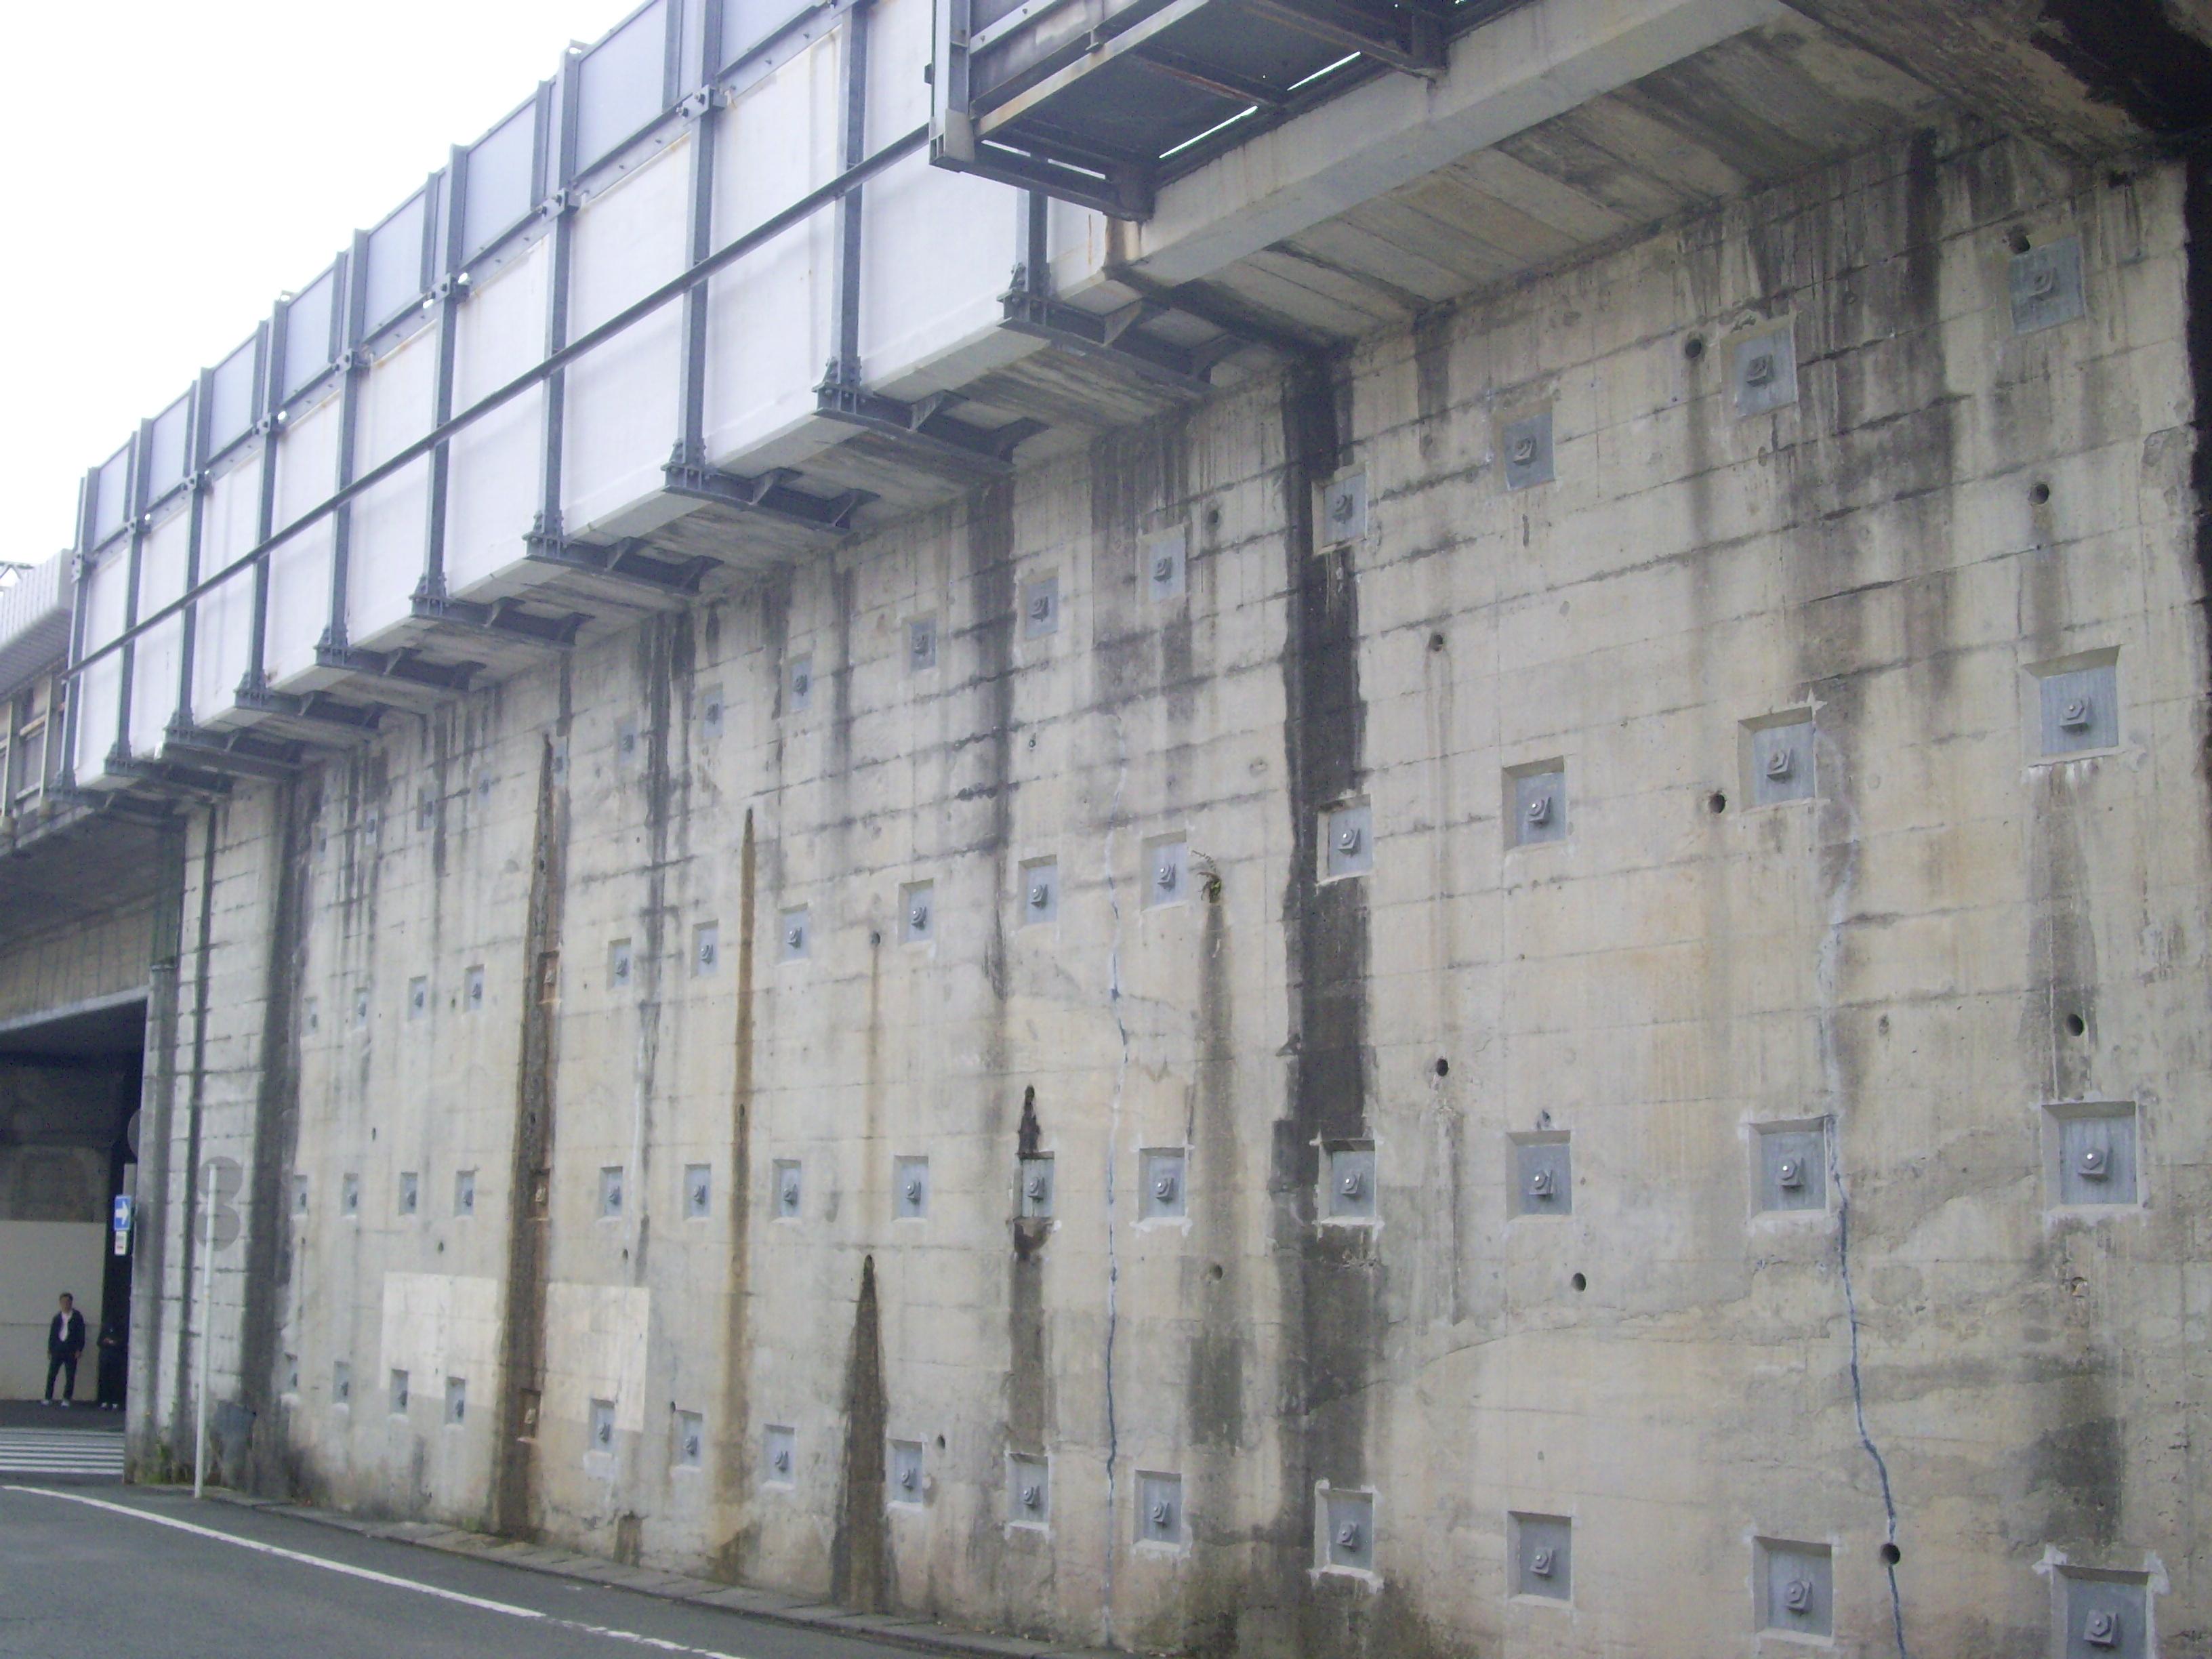 File:Tokaido Shinkansen Seismic retrofit 14 jpg - Wikimedia